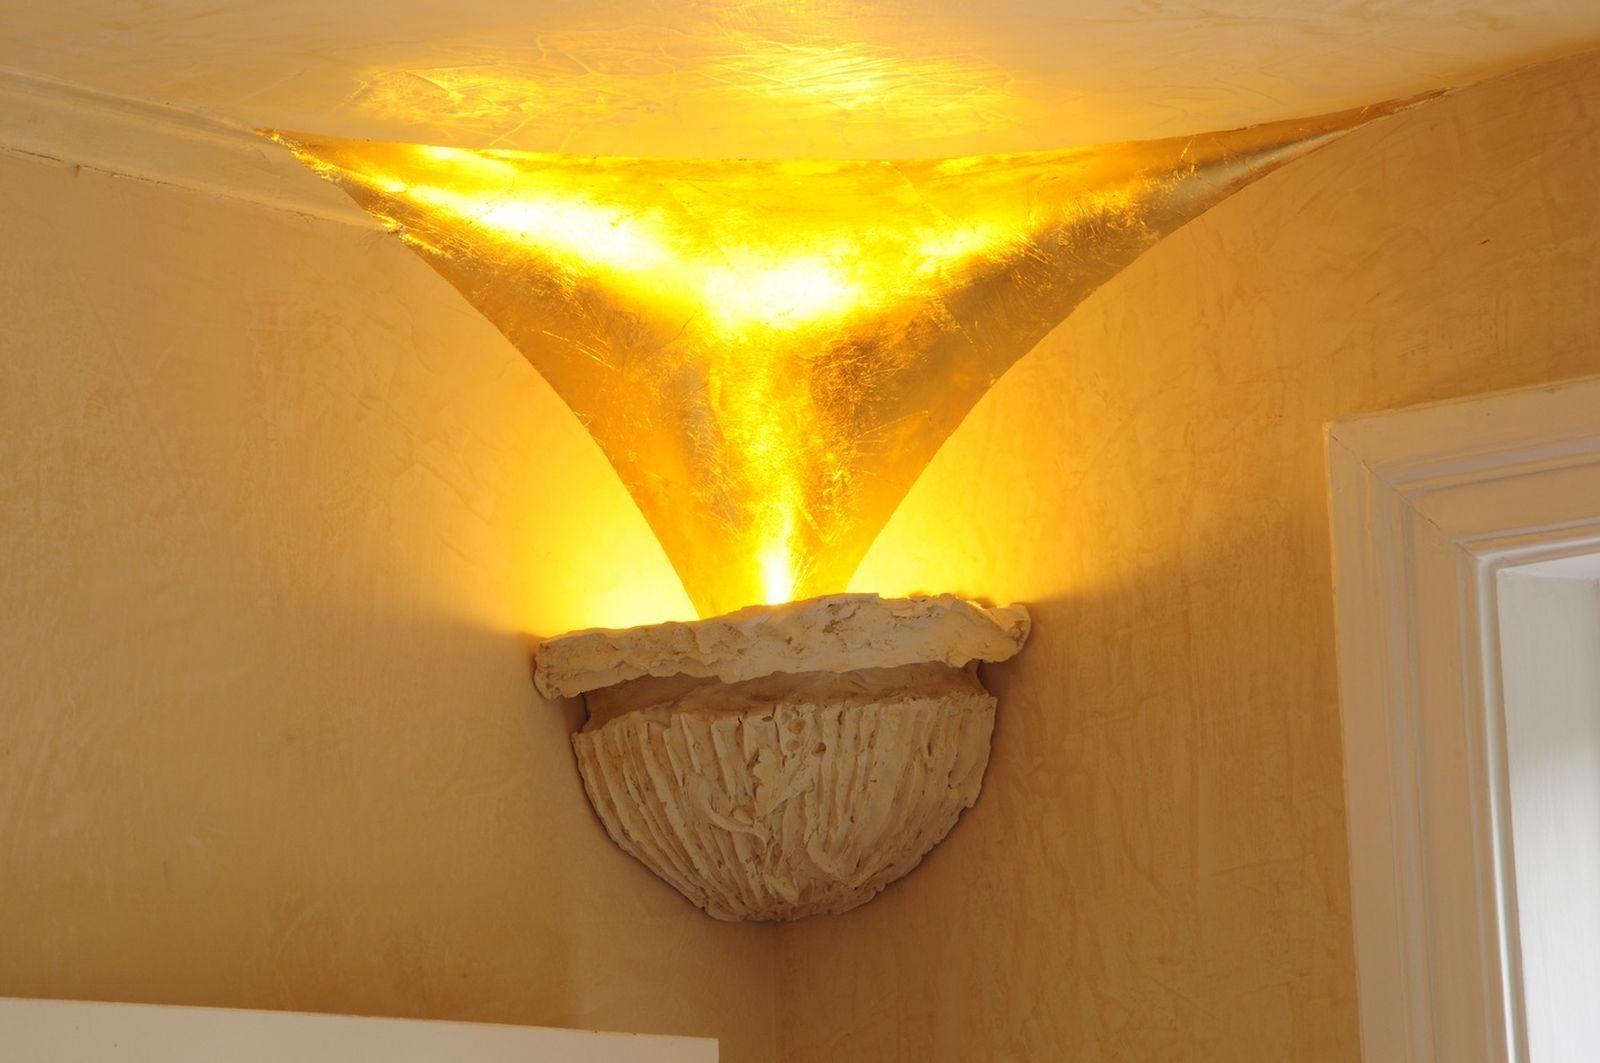 Lampenschale - Lichtspiegelung - Glaenzend